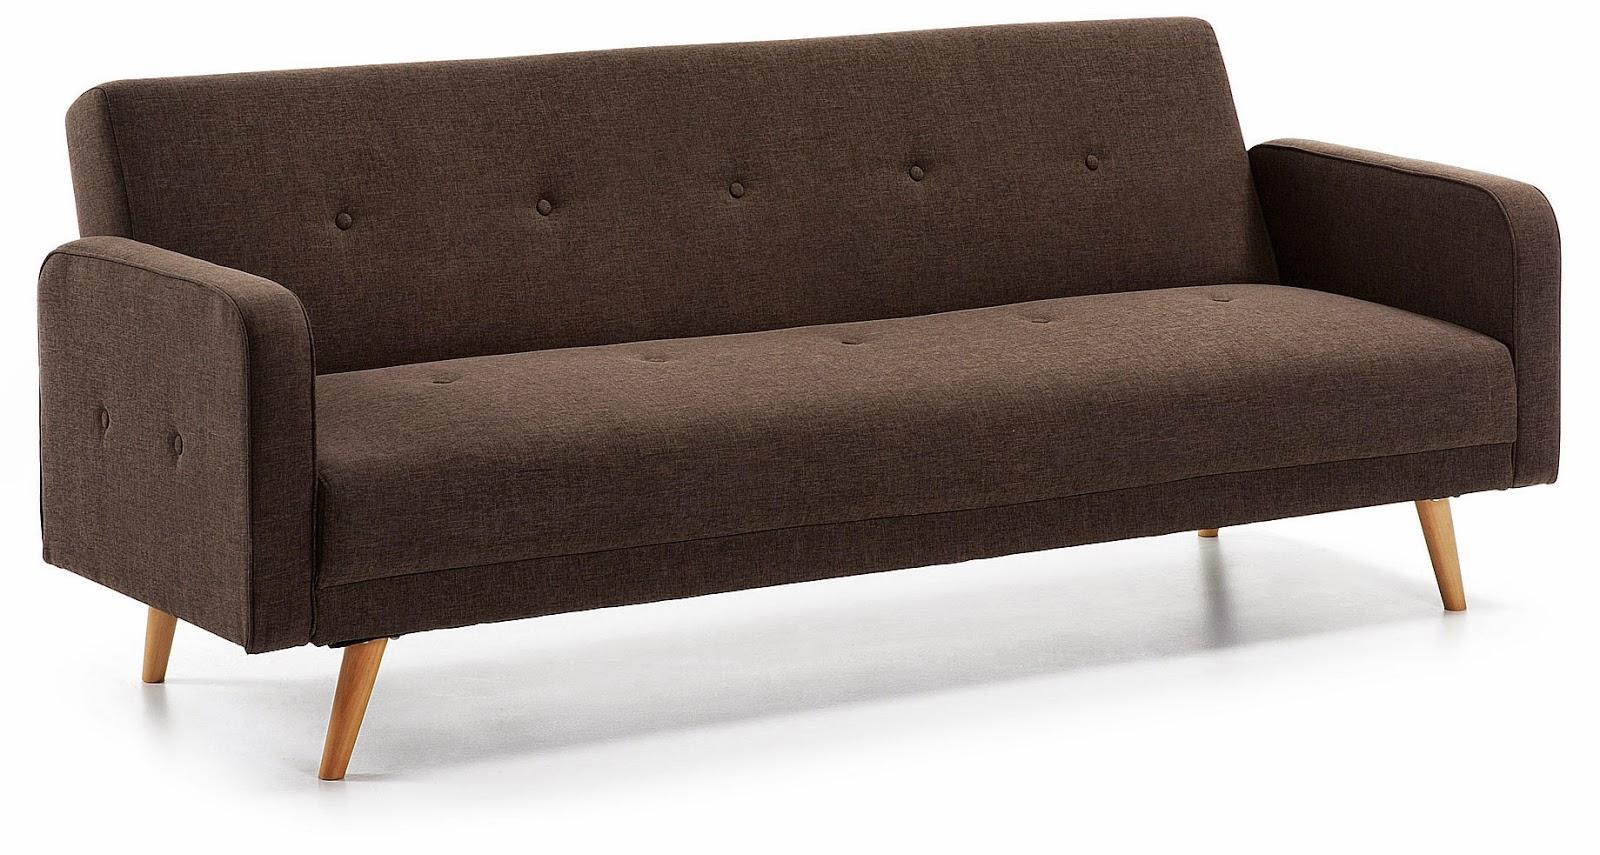 Muebles pr cticos por la decoradora experta muebles for Pagina para disenar muebles